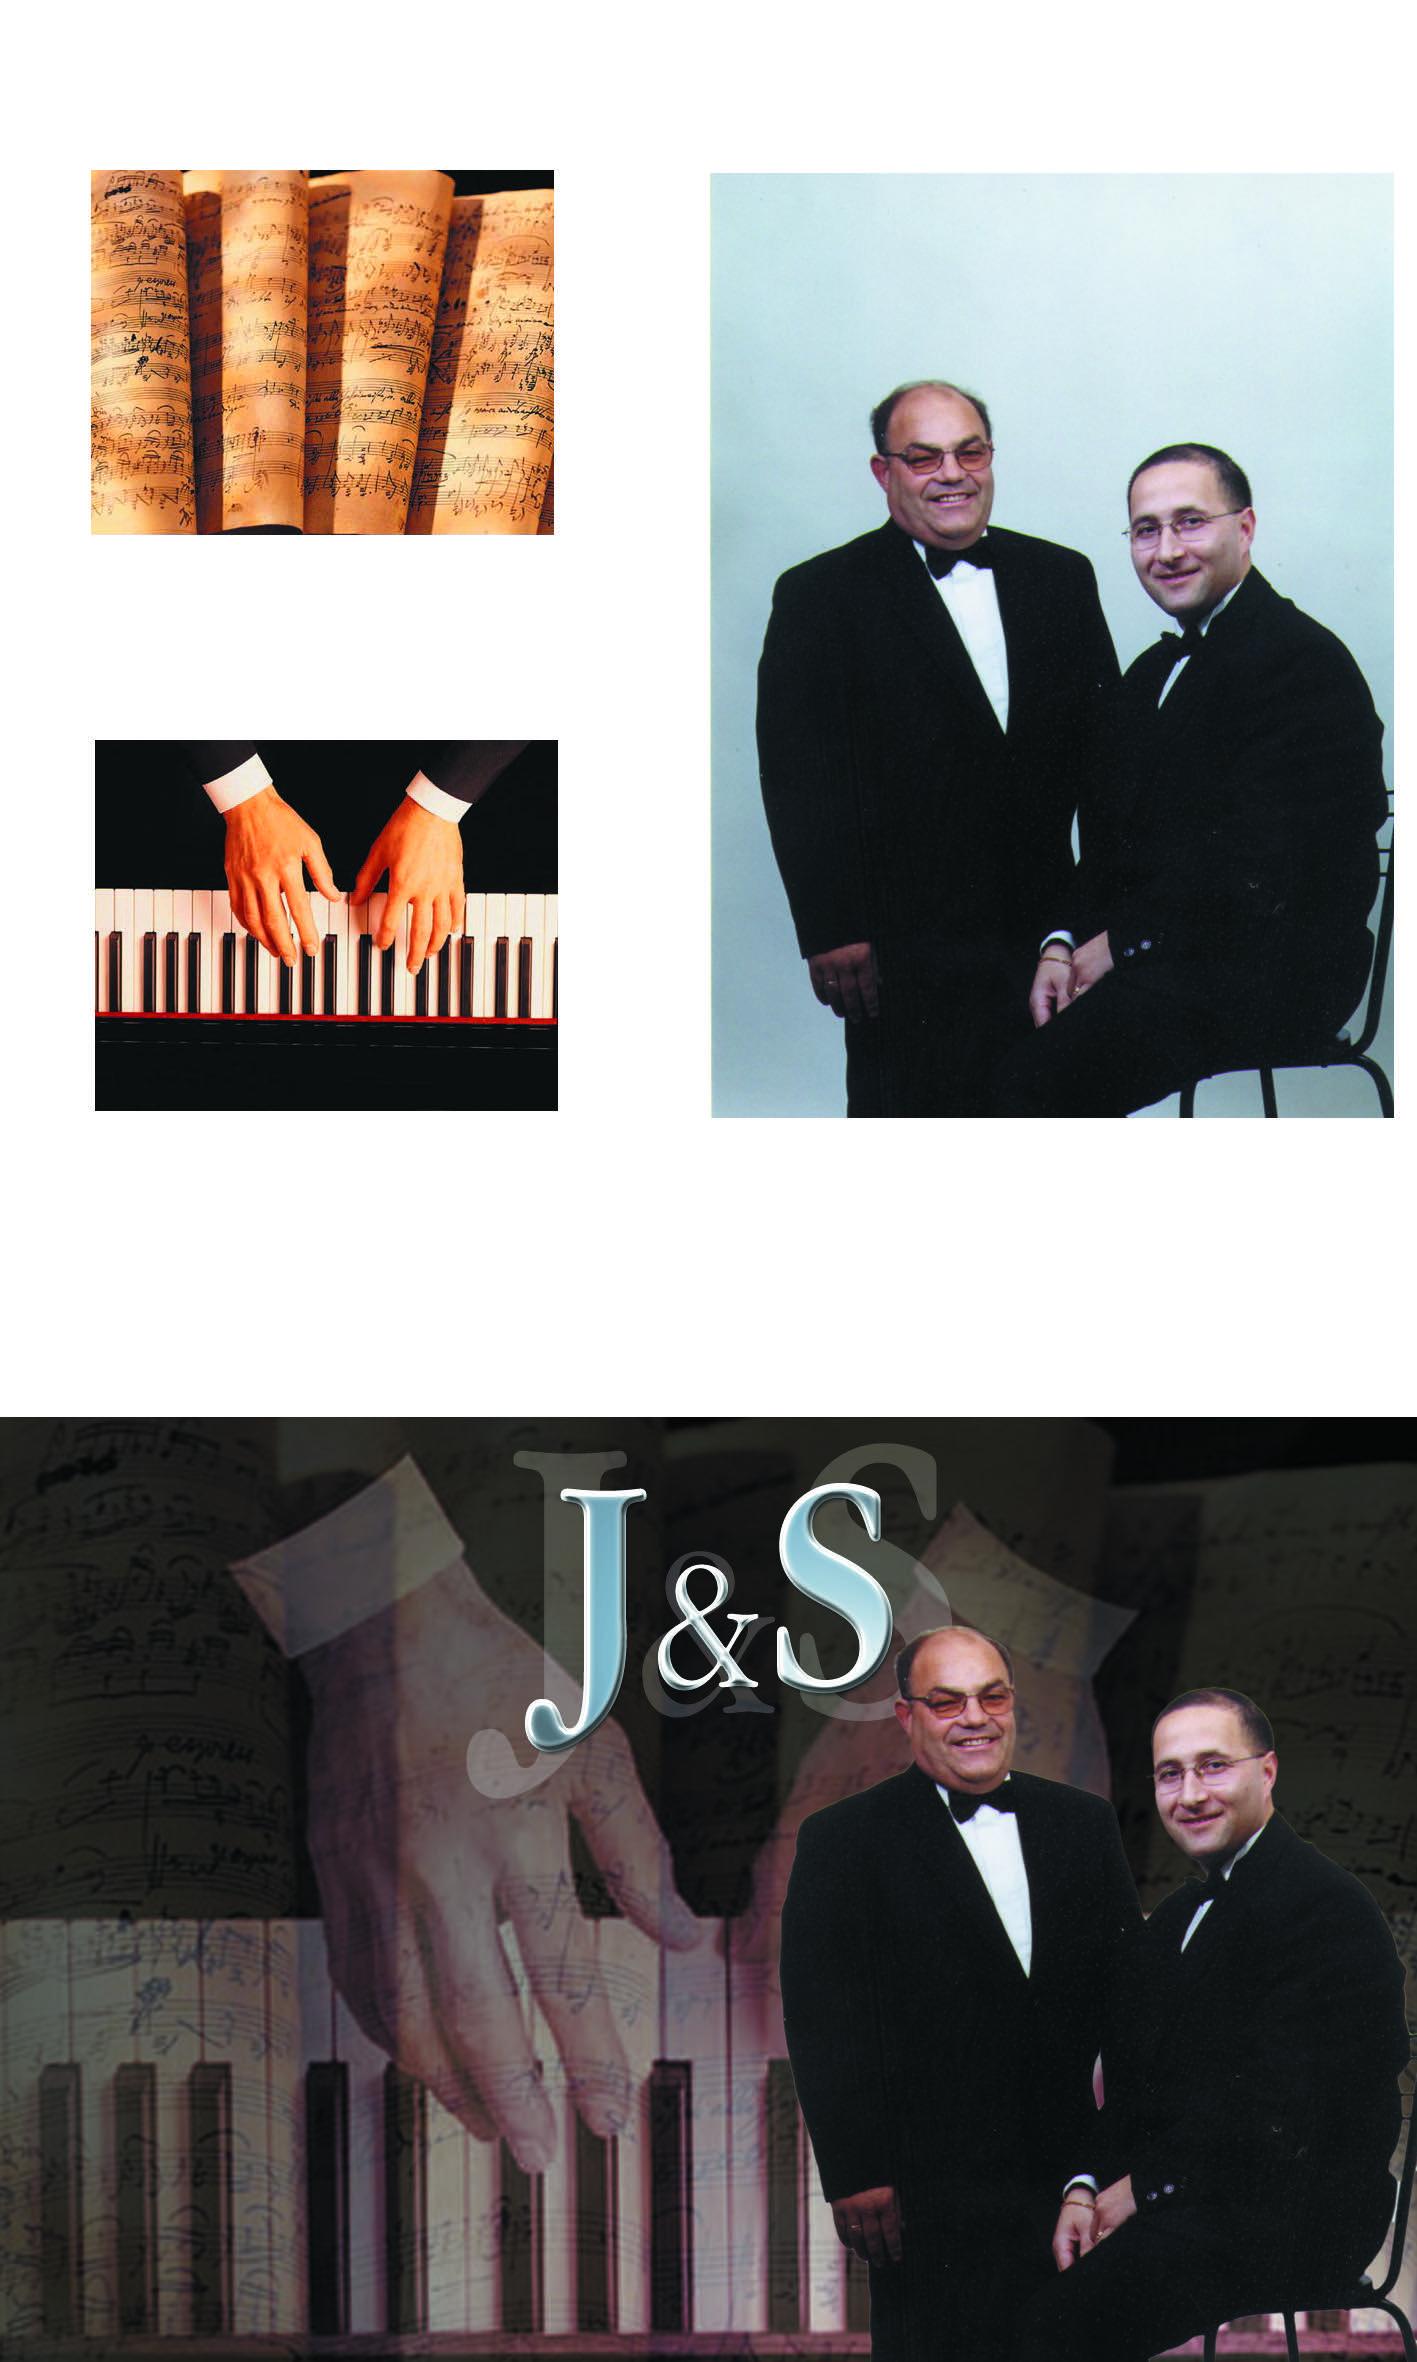 J&S_1-composition